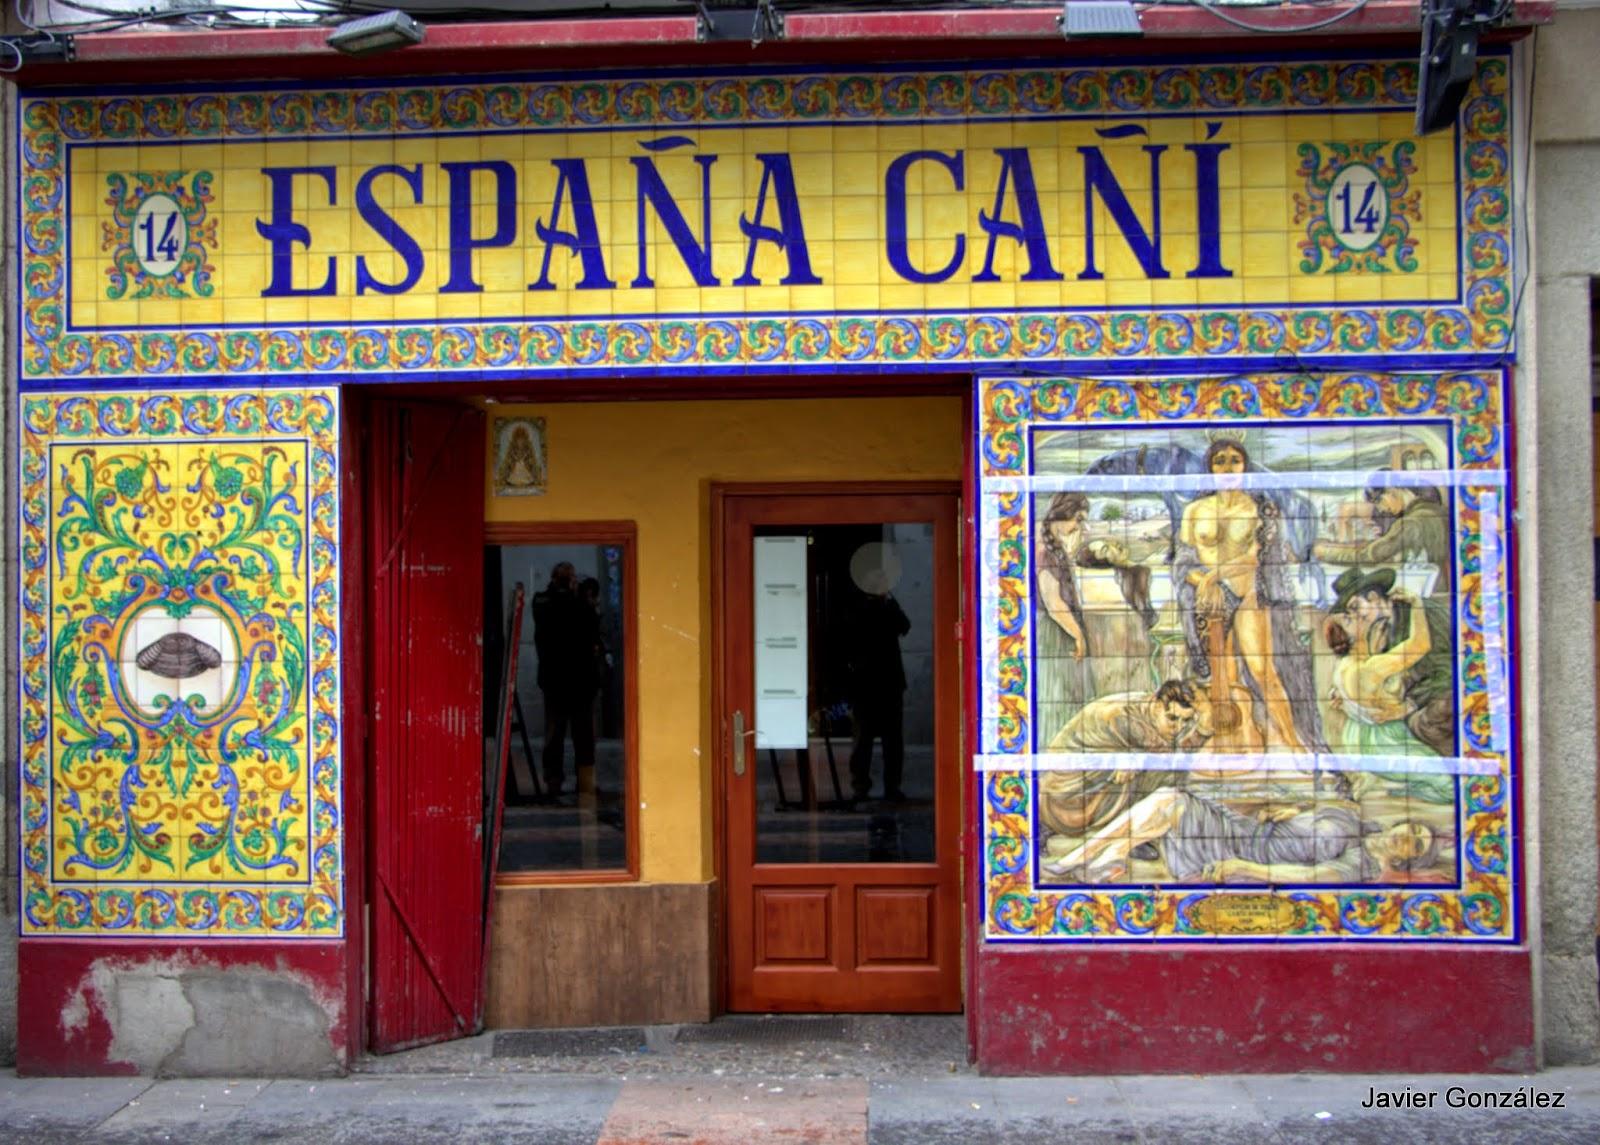 Taberna España cañí. Azulejos